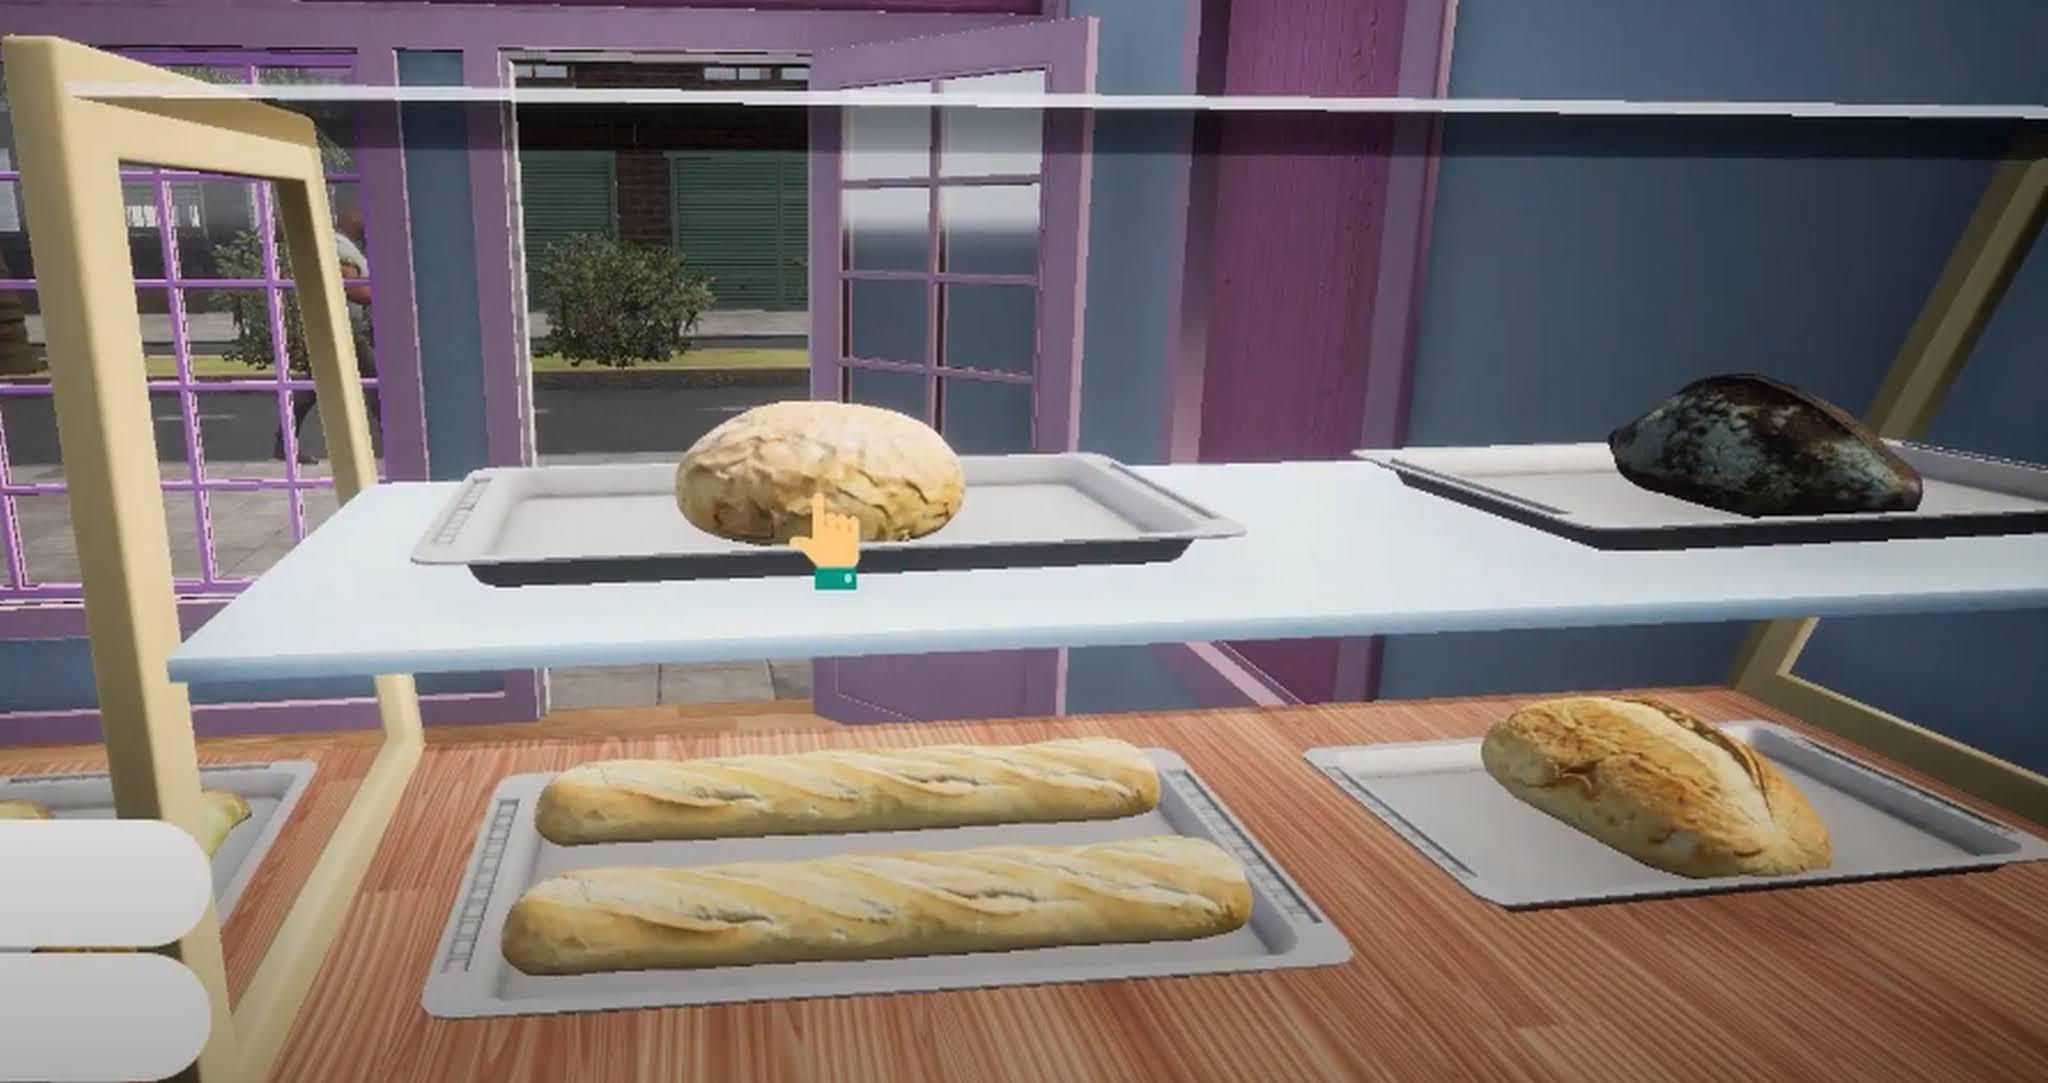 Bakery Shop Simulator Ürünler